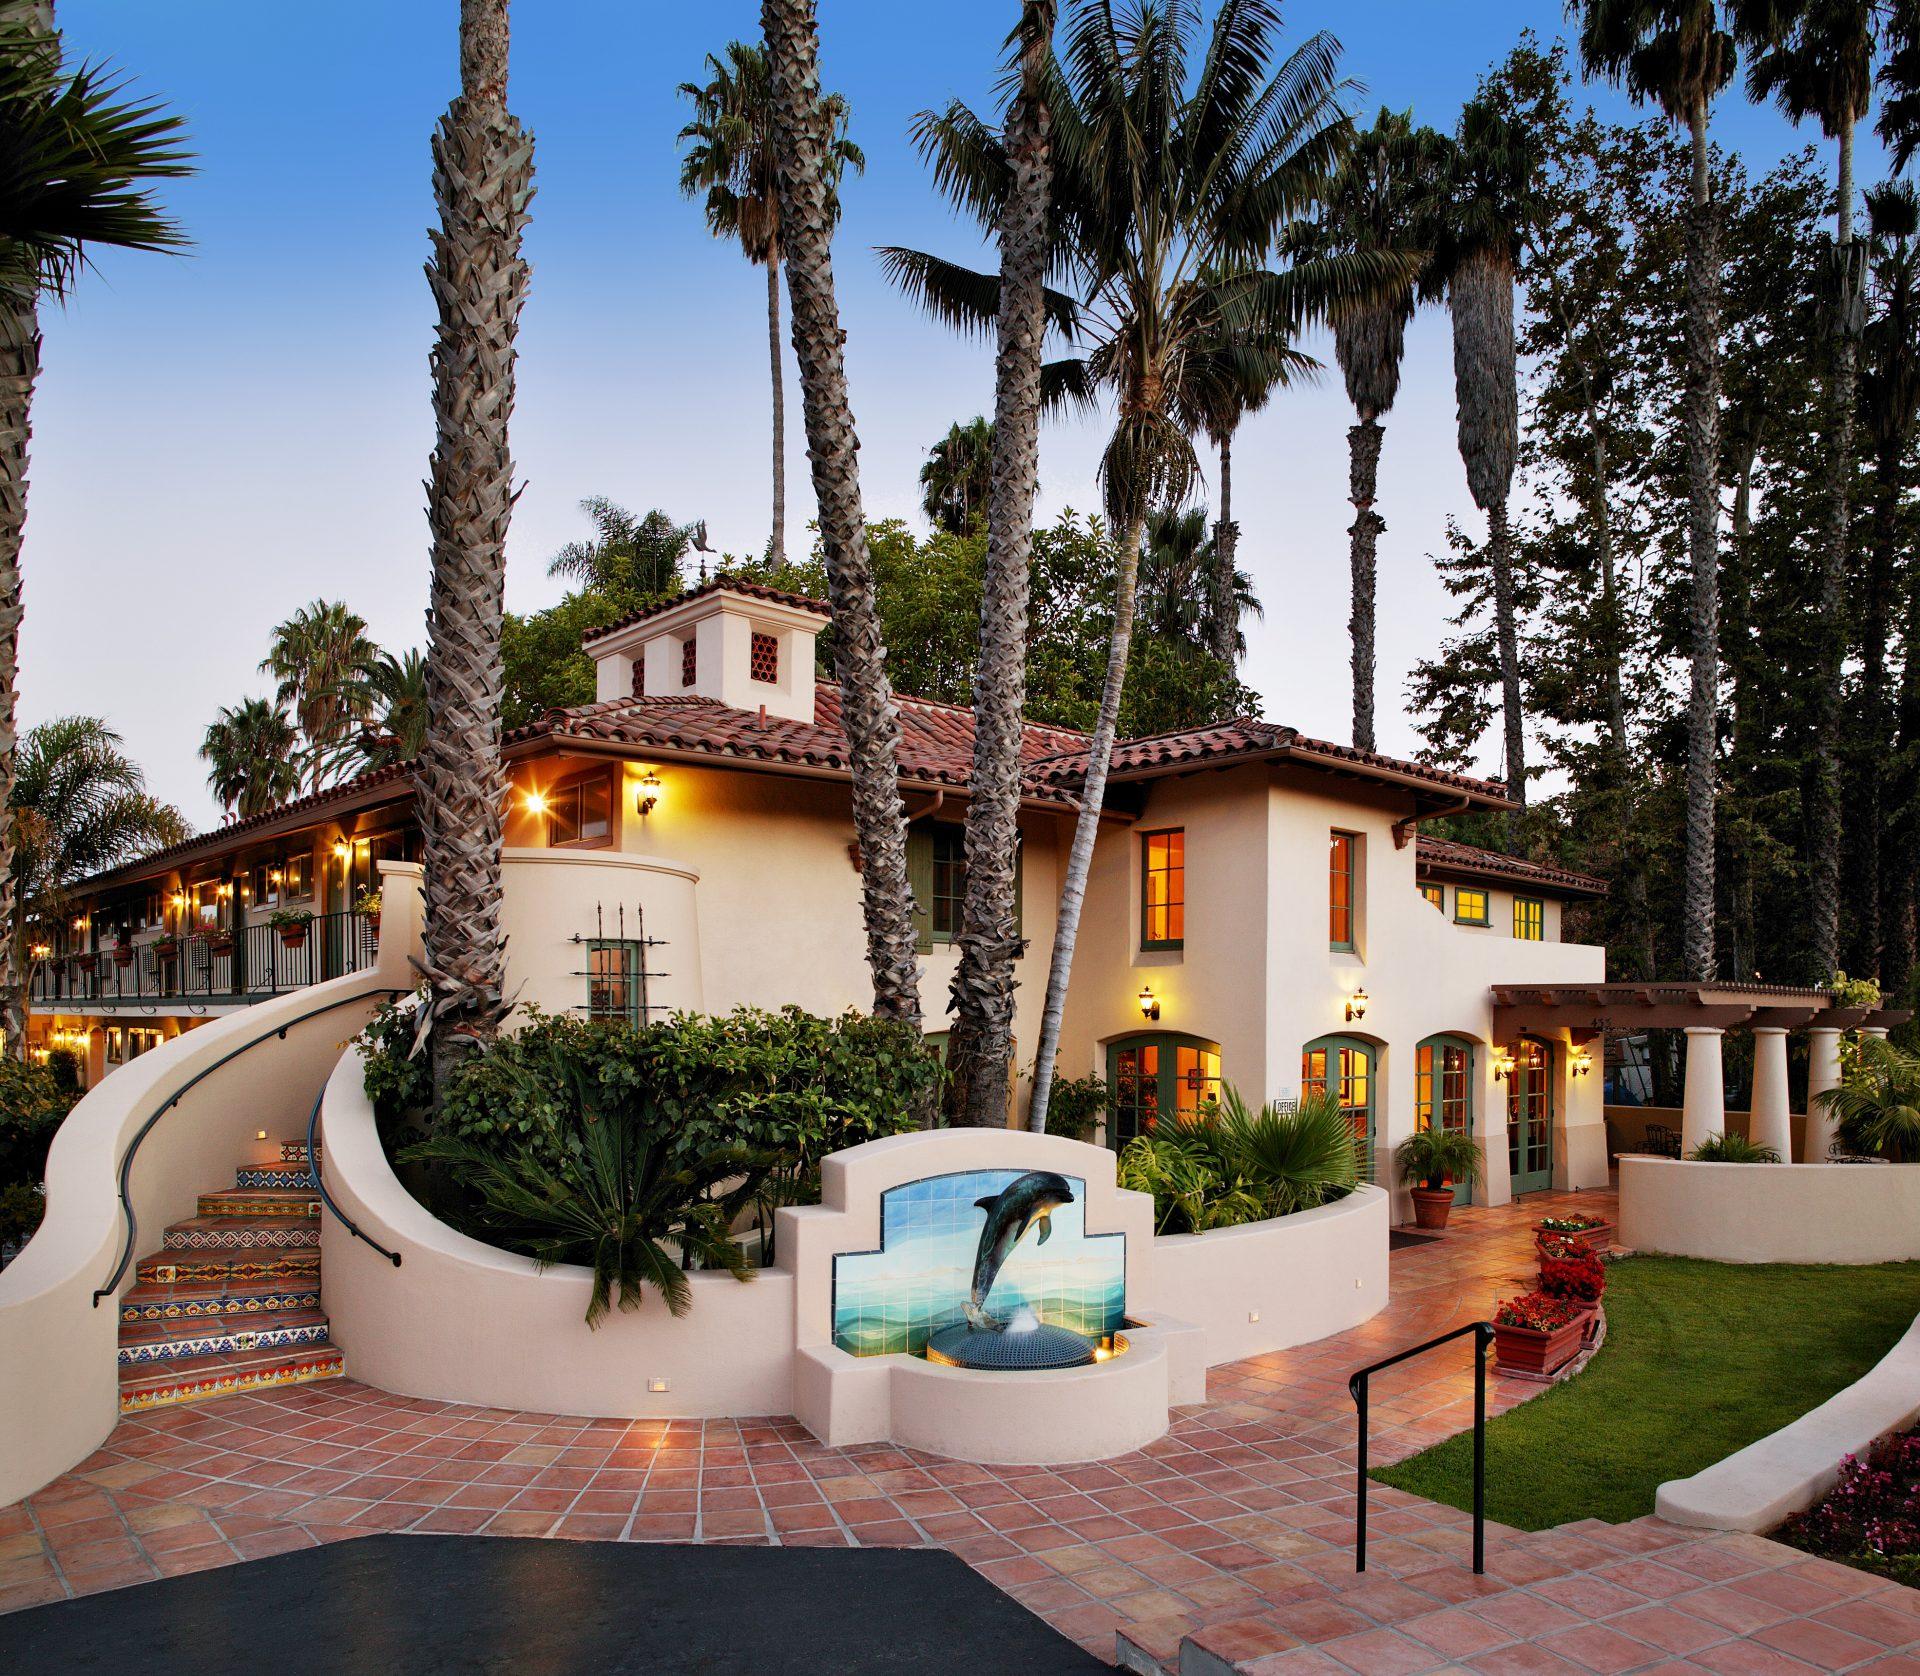 Hotels In Santa Barbara >> Harbor Hotel In Santa Barbara Inn By The Harbor